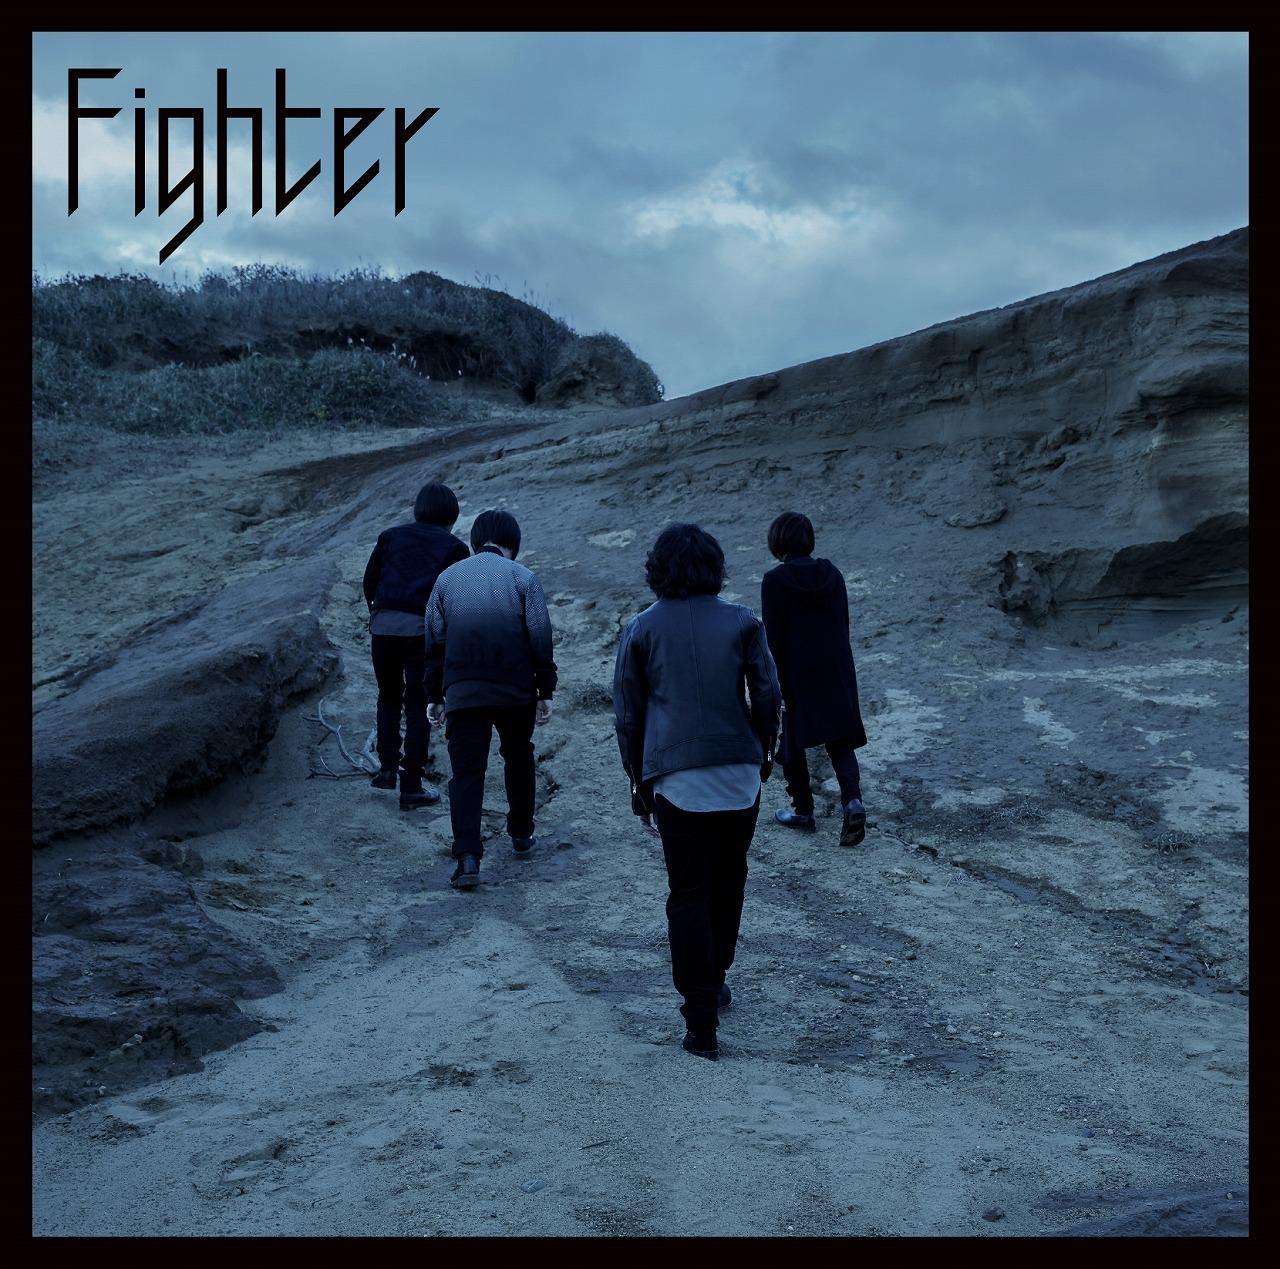 「Fighter」初回版ジャケット